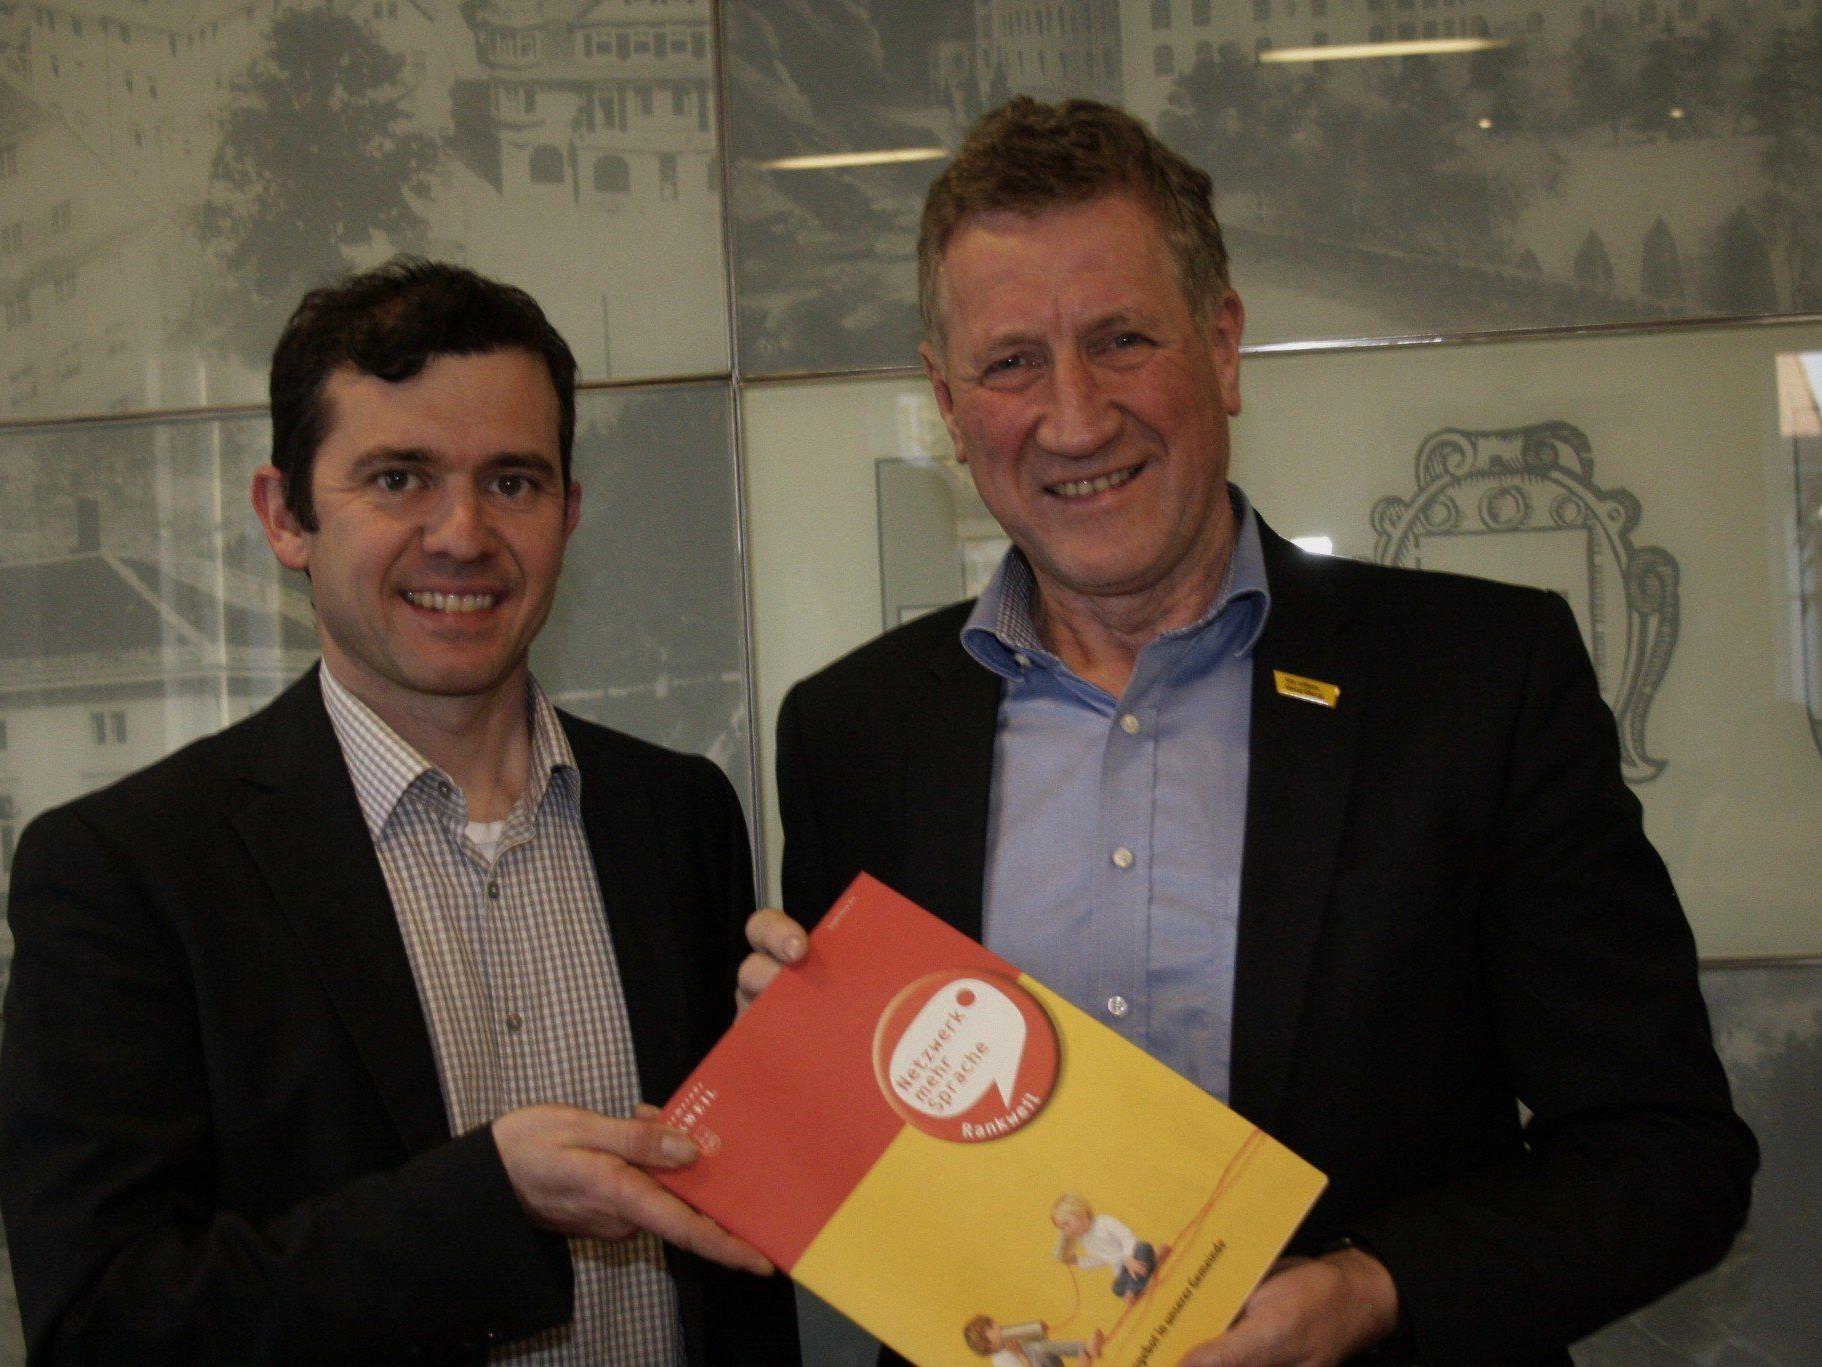 Bürgermeister Martin Summer und  Landesrat Erich Schwärzler präsentieren die Sprachförderangebote in Rankweil.